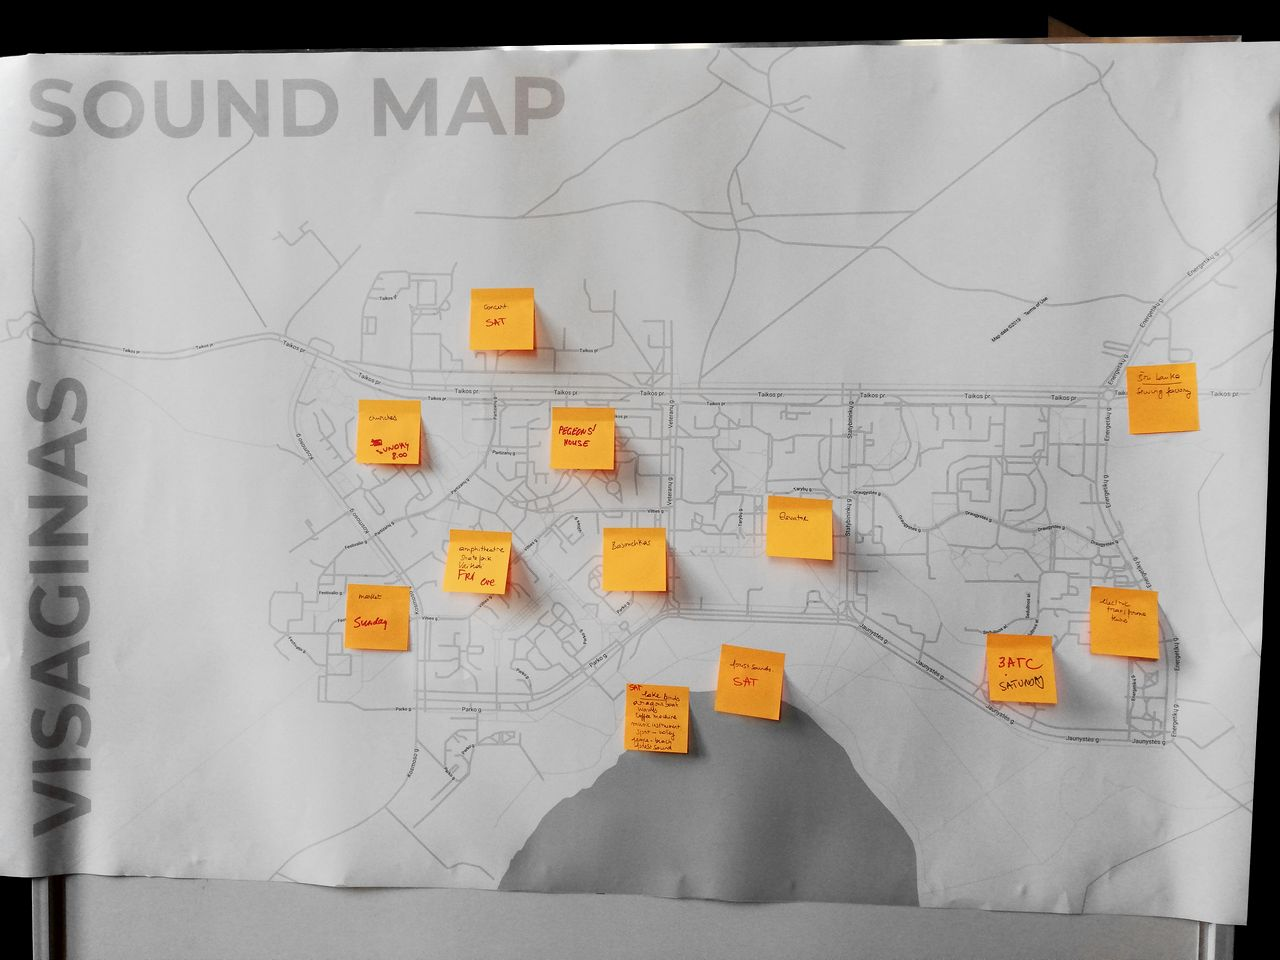 висагинас,литва,звук,map,карта,Visagino garsų žemėlapis